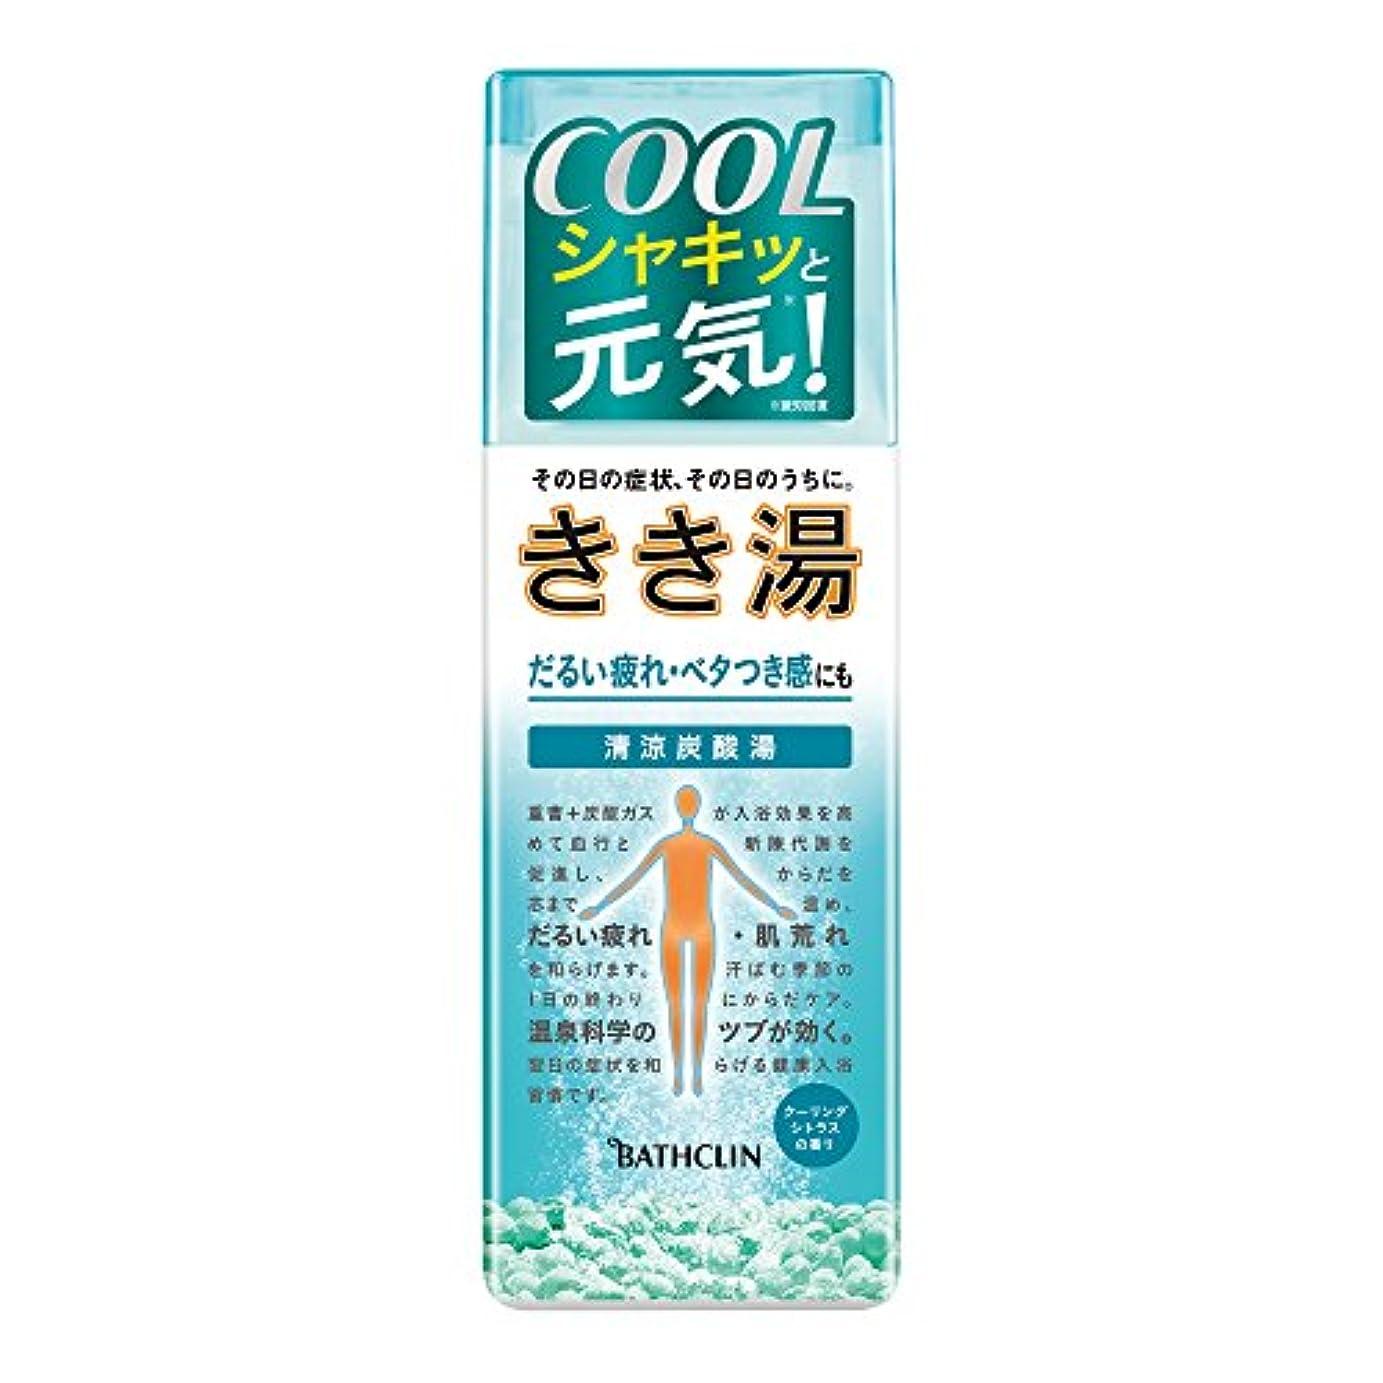 反乱うれしいの間で【医薬部外品】きき湯清涼炭酸湯クーリングシトラスの香り360gスカイブルーの湯透明タイプ入浴剤